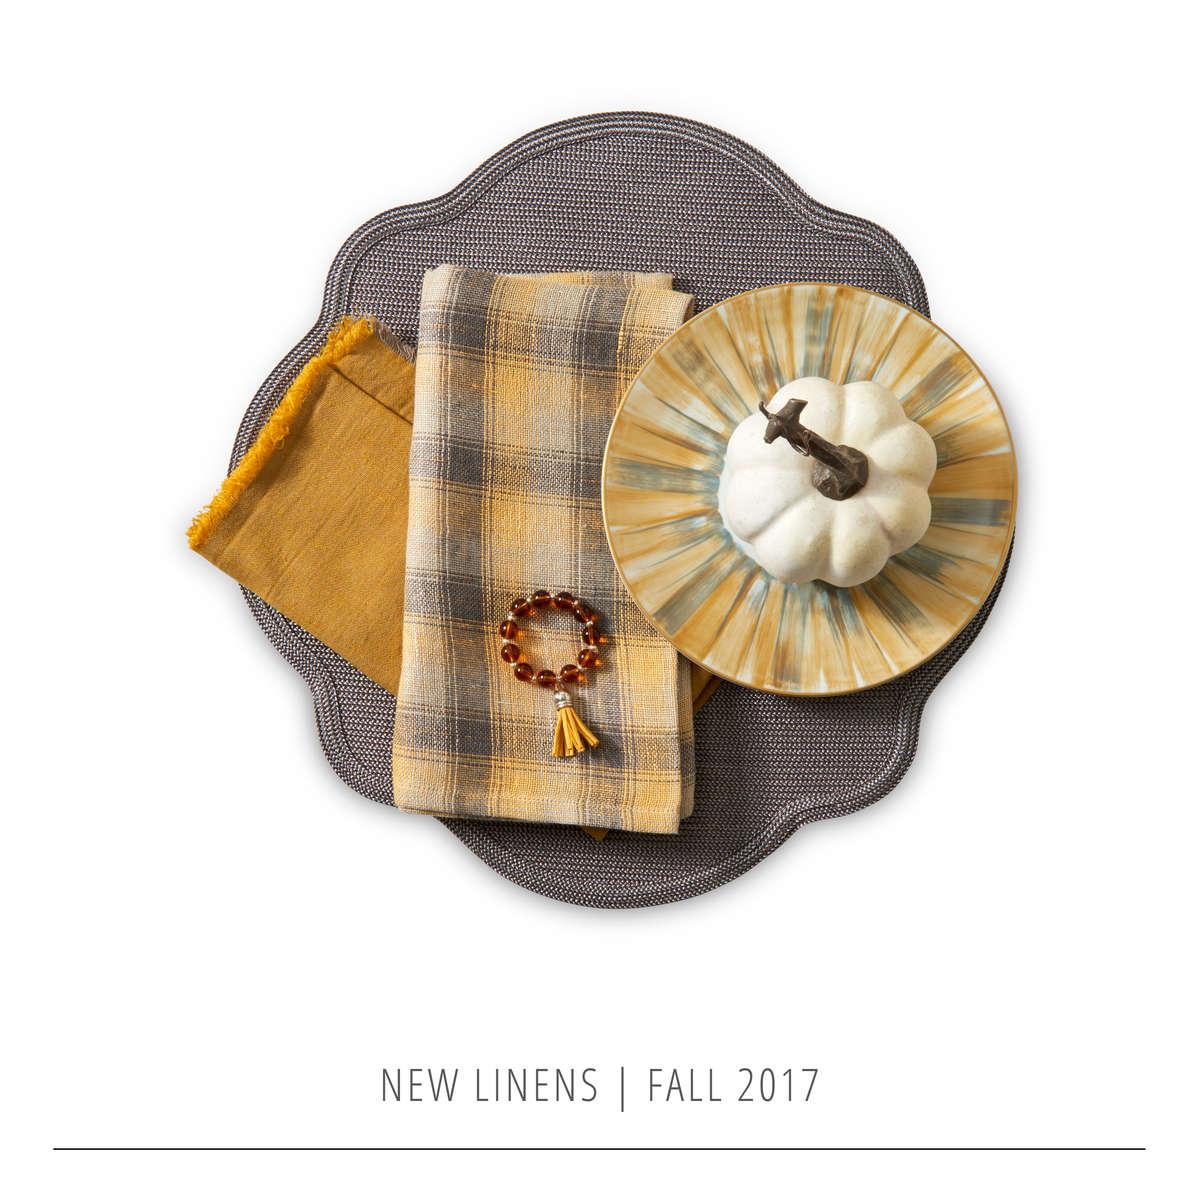 DR w1200_fe17_New_linens___Fall_2017.jpg